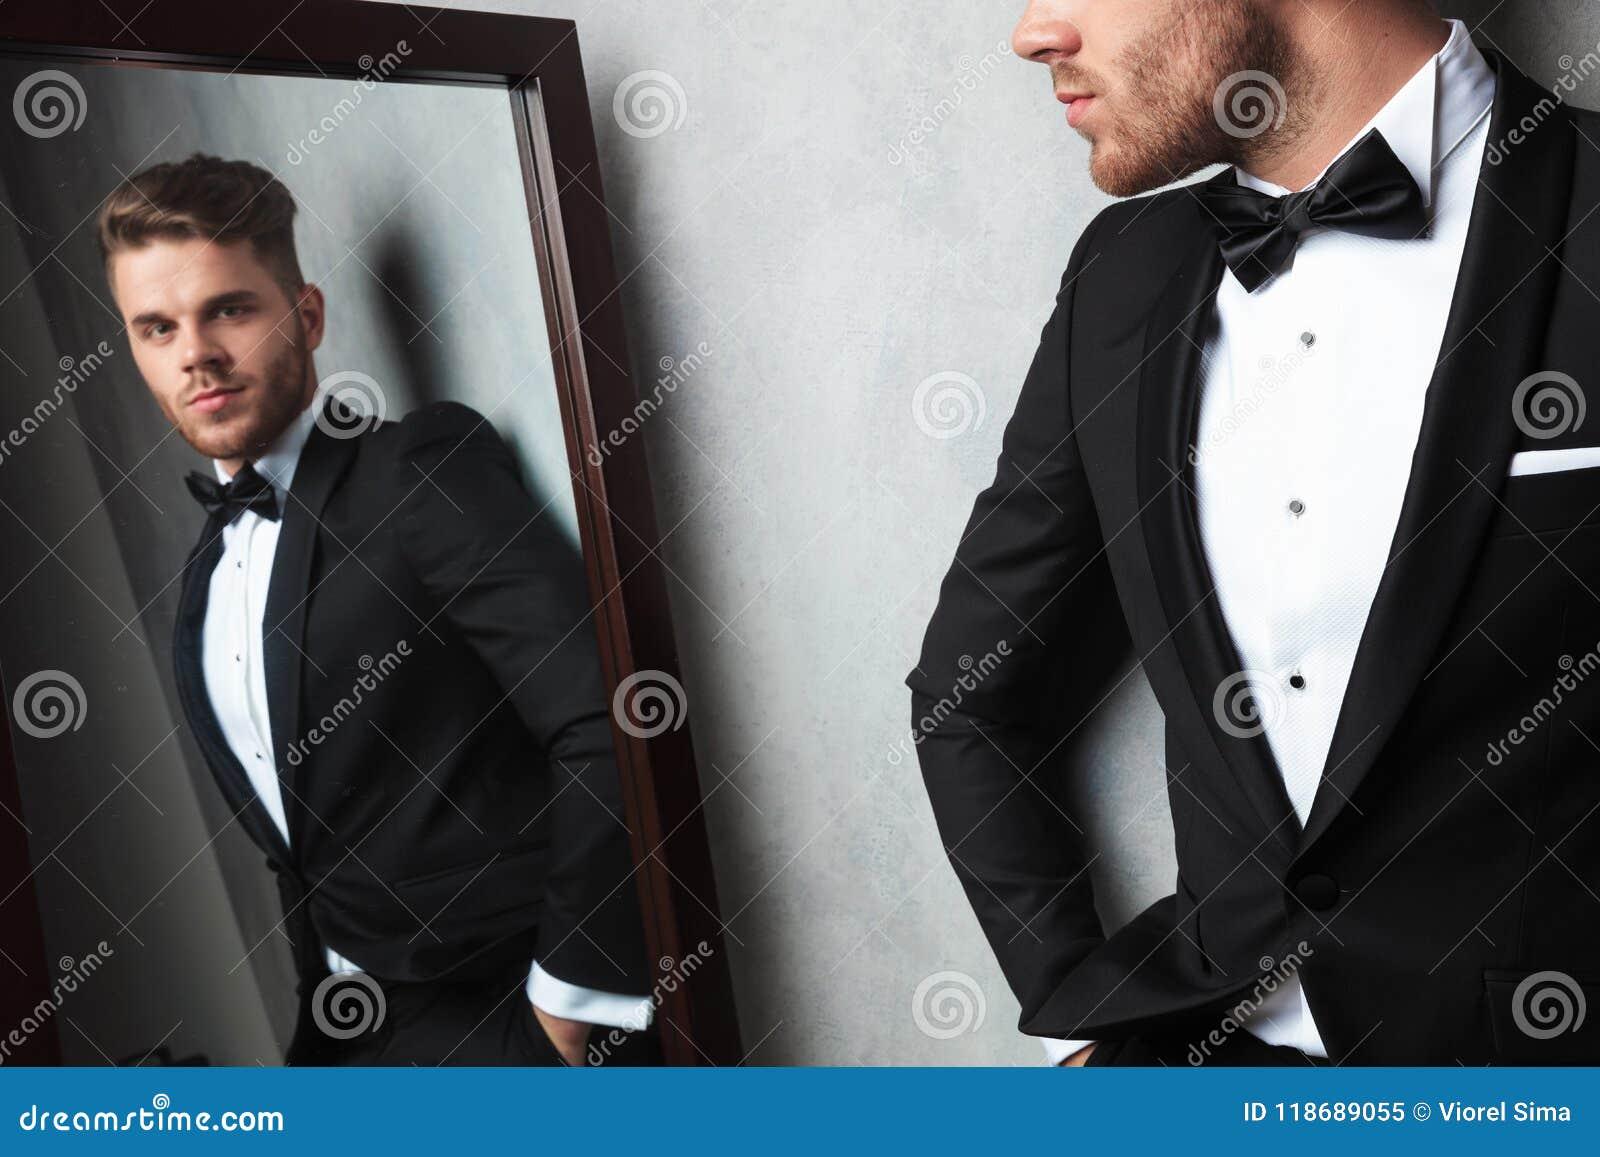 Réflexion de miroir de jeune homme décontracté utilisant un smoking noir